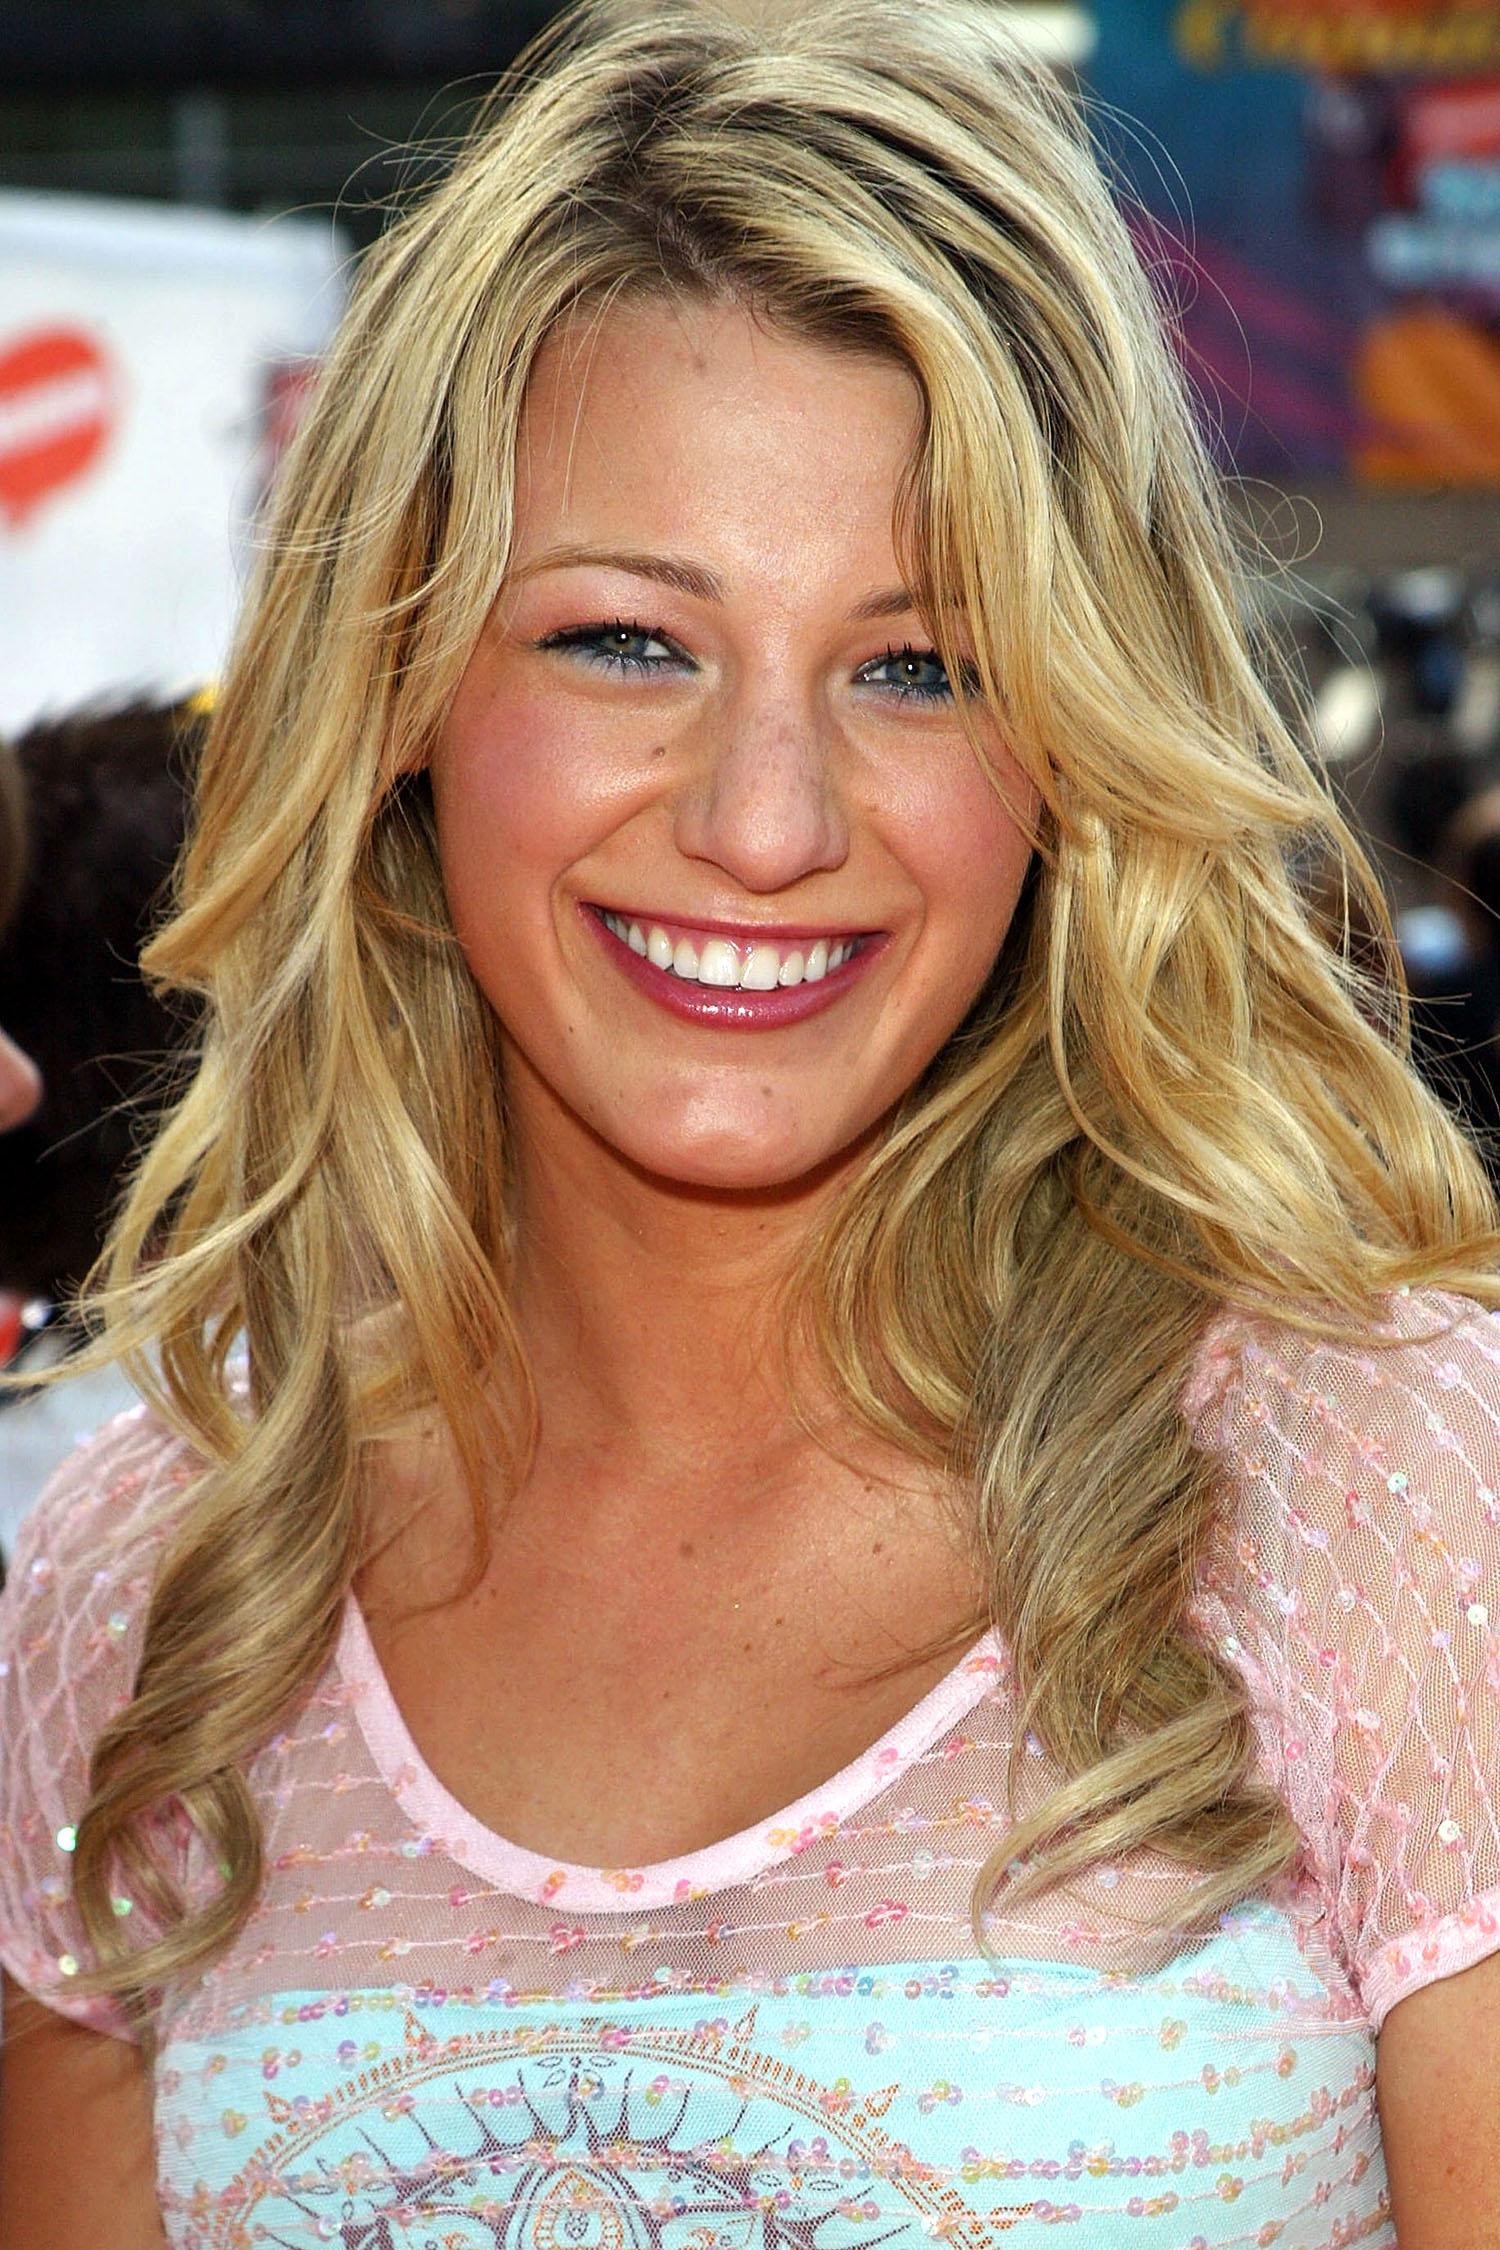 Blake Lively's Beauty Evolution in 36 Looks-Blake Lively's ...